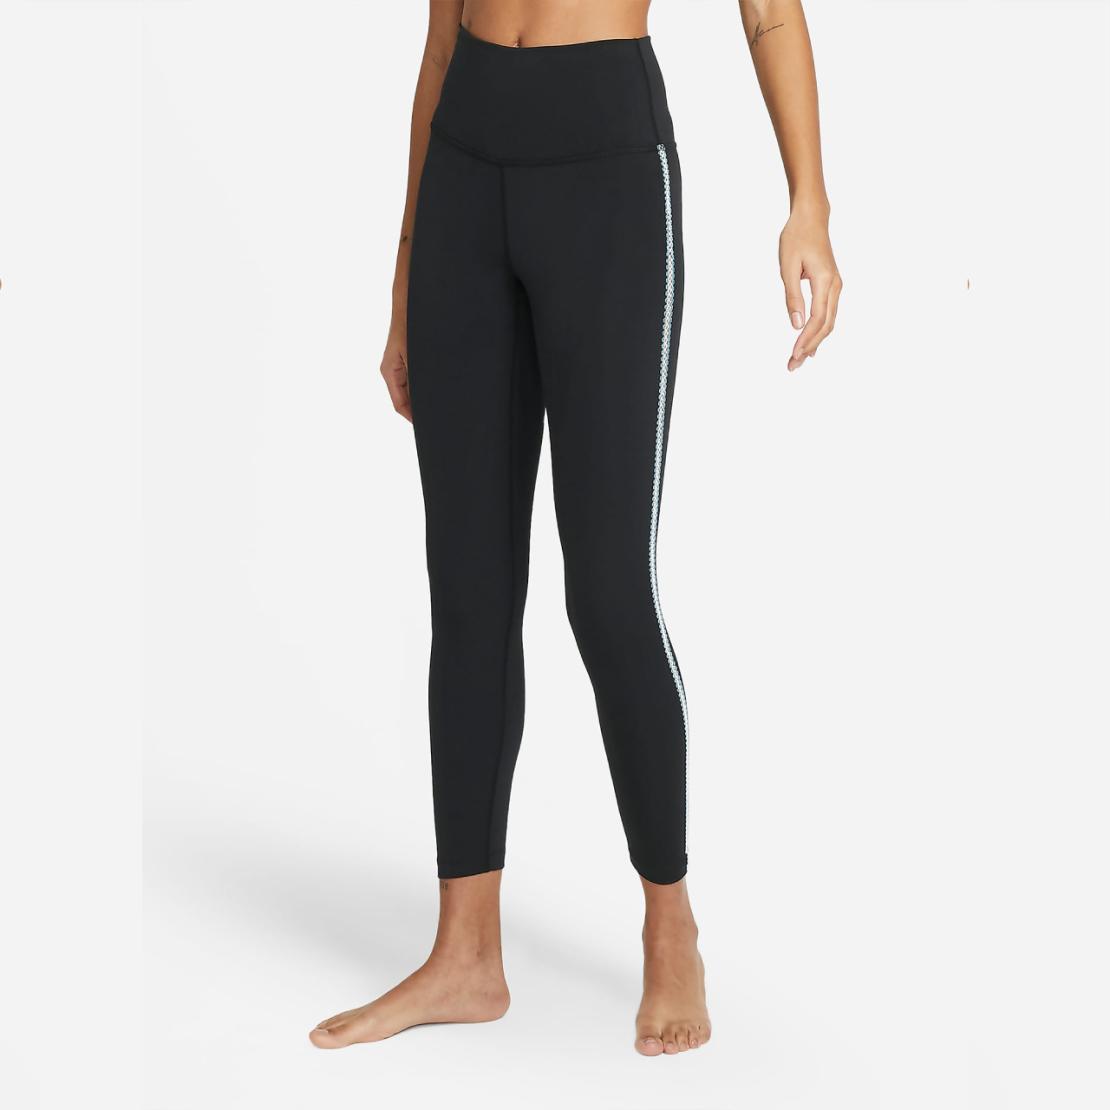 טייץ נייק נשים | Nike Yoga Women's 7/8 Crochet Edge Leggings